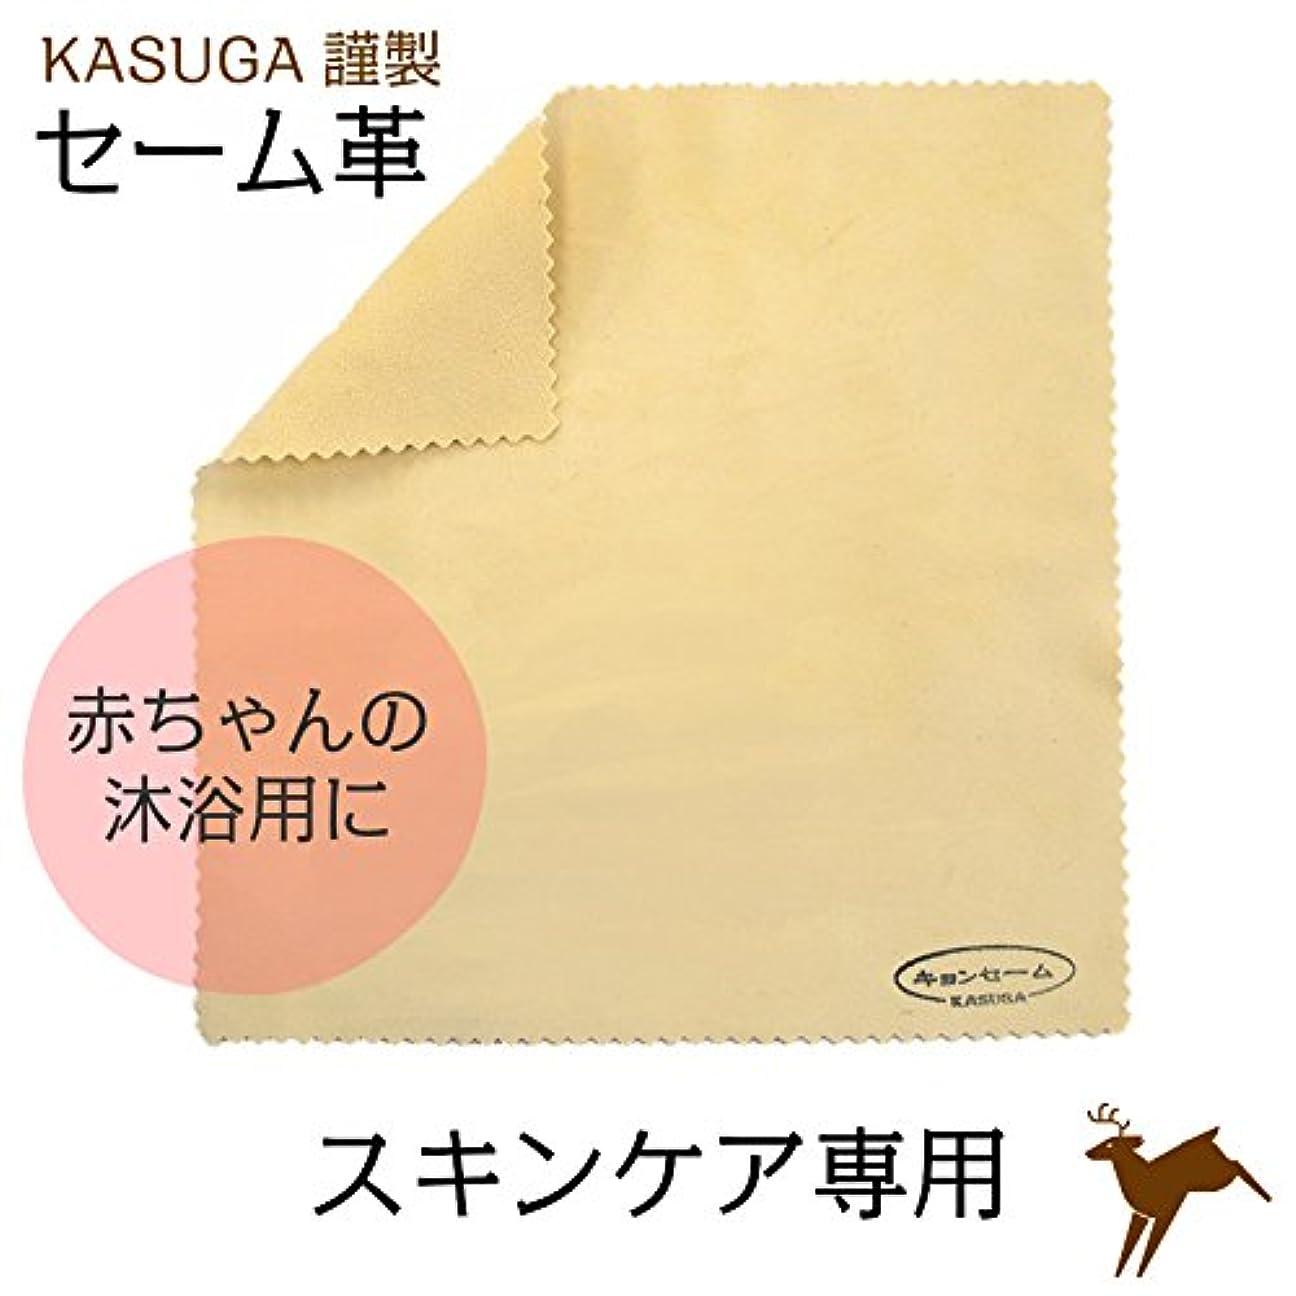 フレームワーク地震会社春日カスガ謹製 スキンケア専用キョンセーム革 20cm×20cm